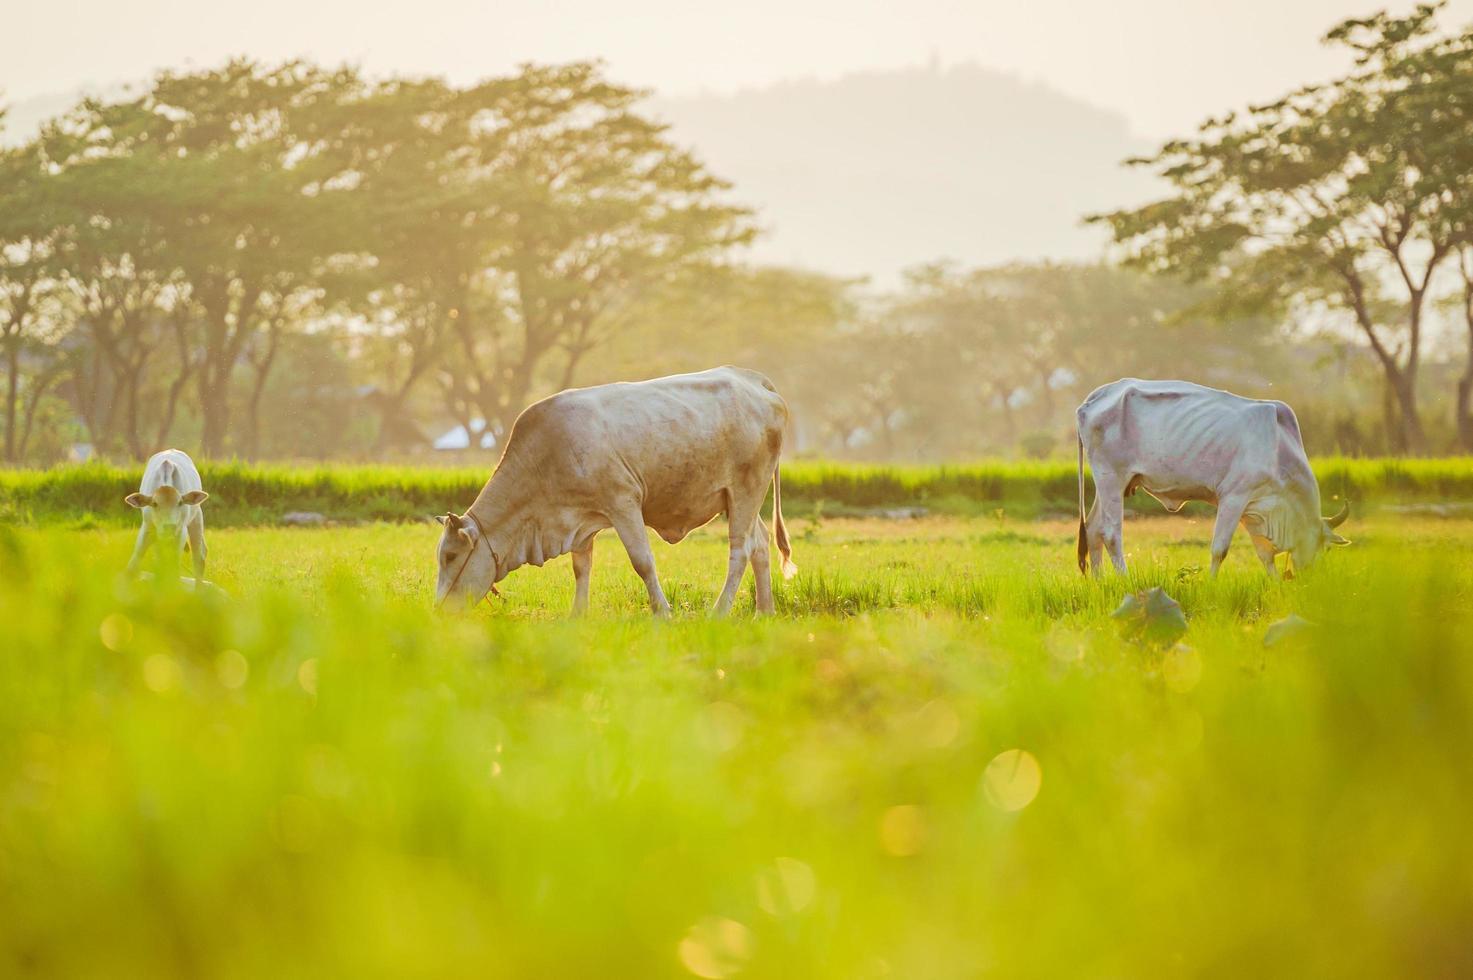 koeien op landbouwgrond foto